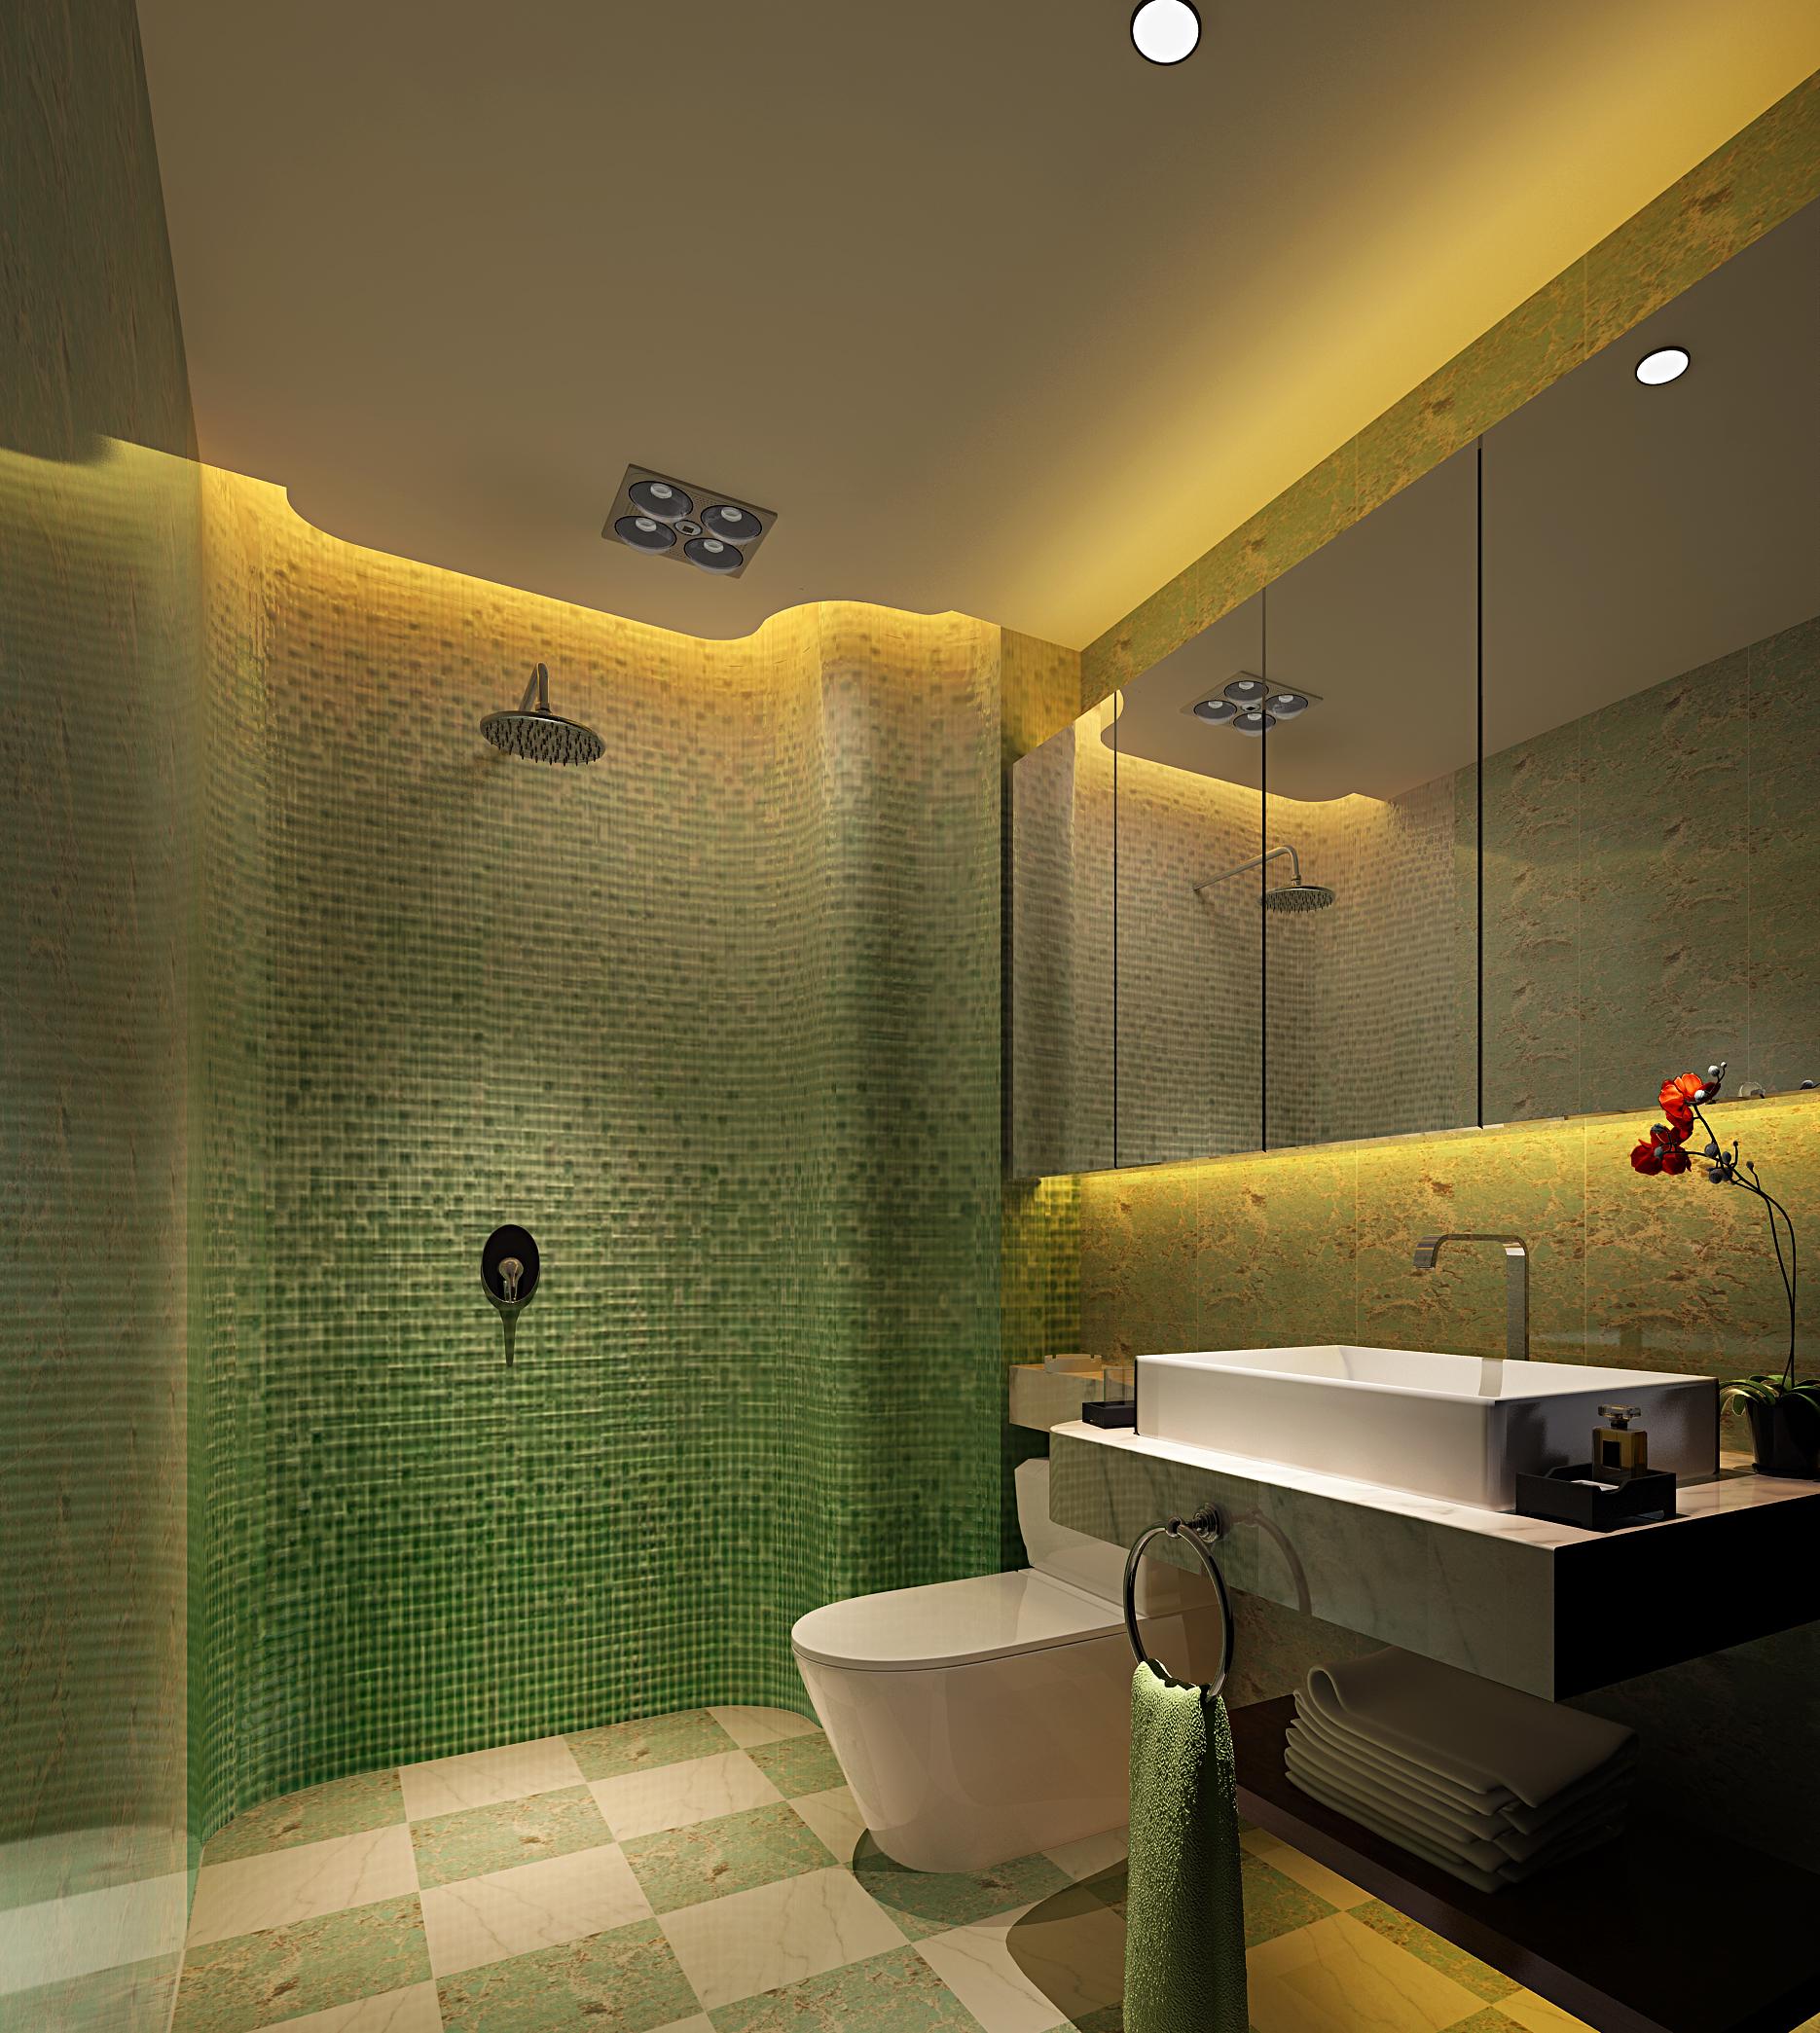 新中式 玉泉 龙苑 卫生间图片来自业之峰太原分公司在玉泉龙苑的分享